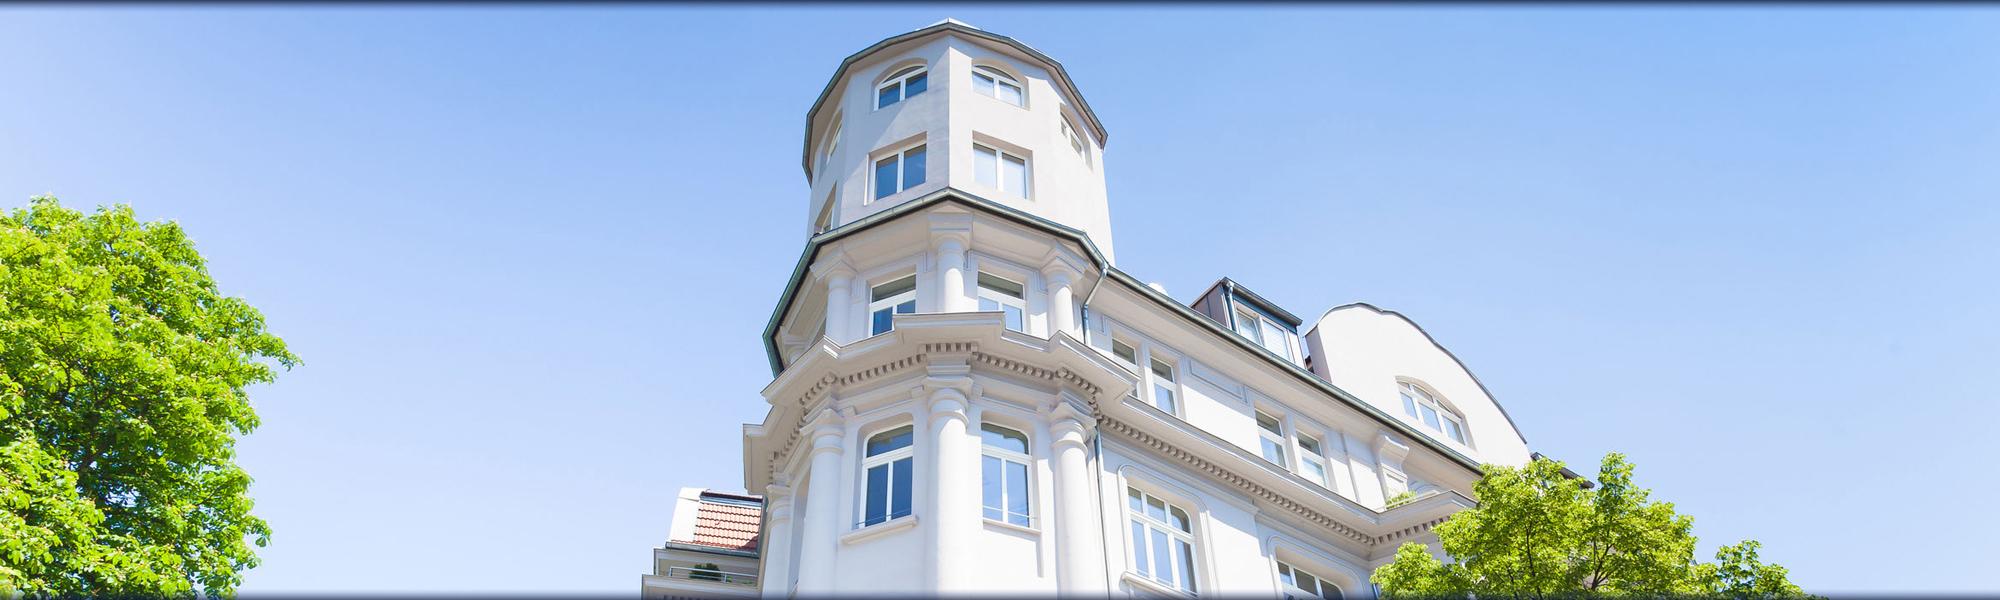 Immobilienmakler-Werther